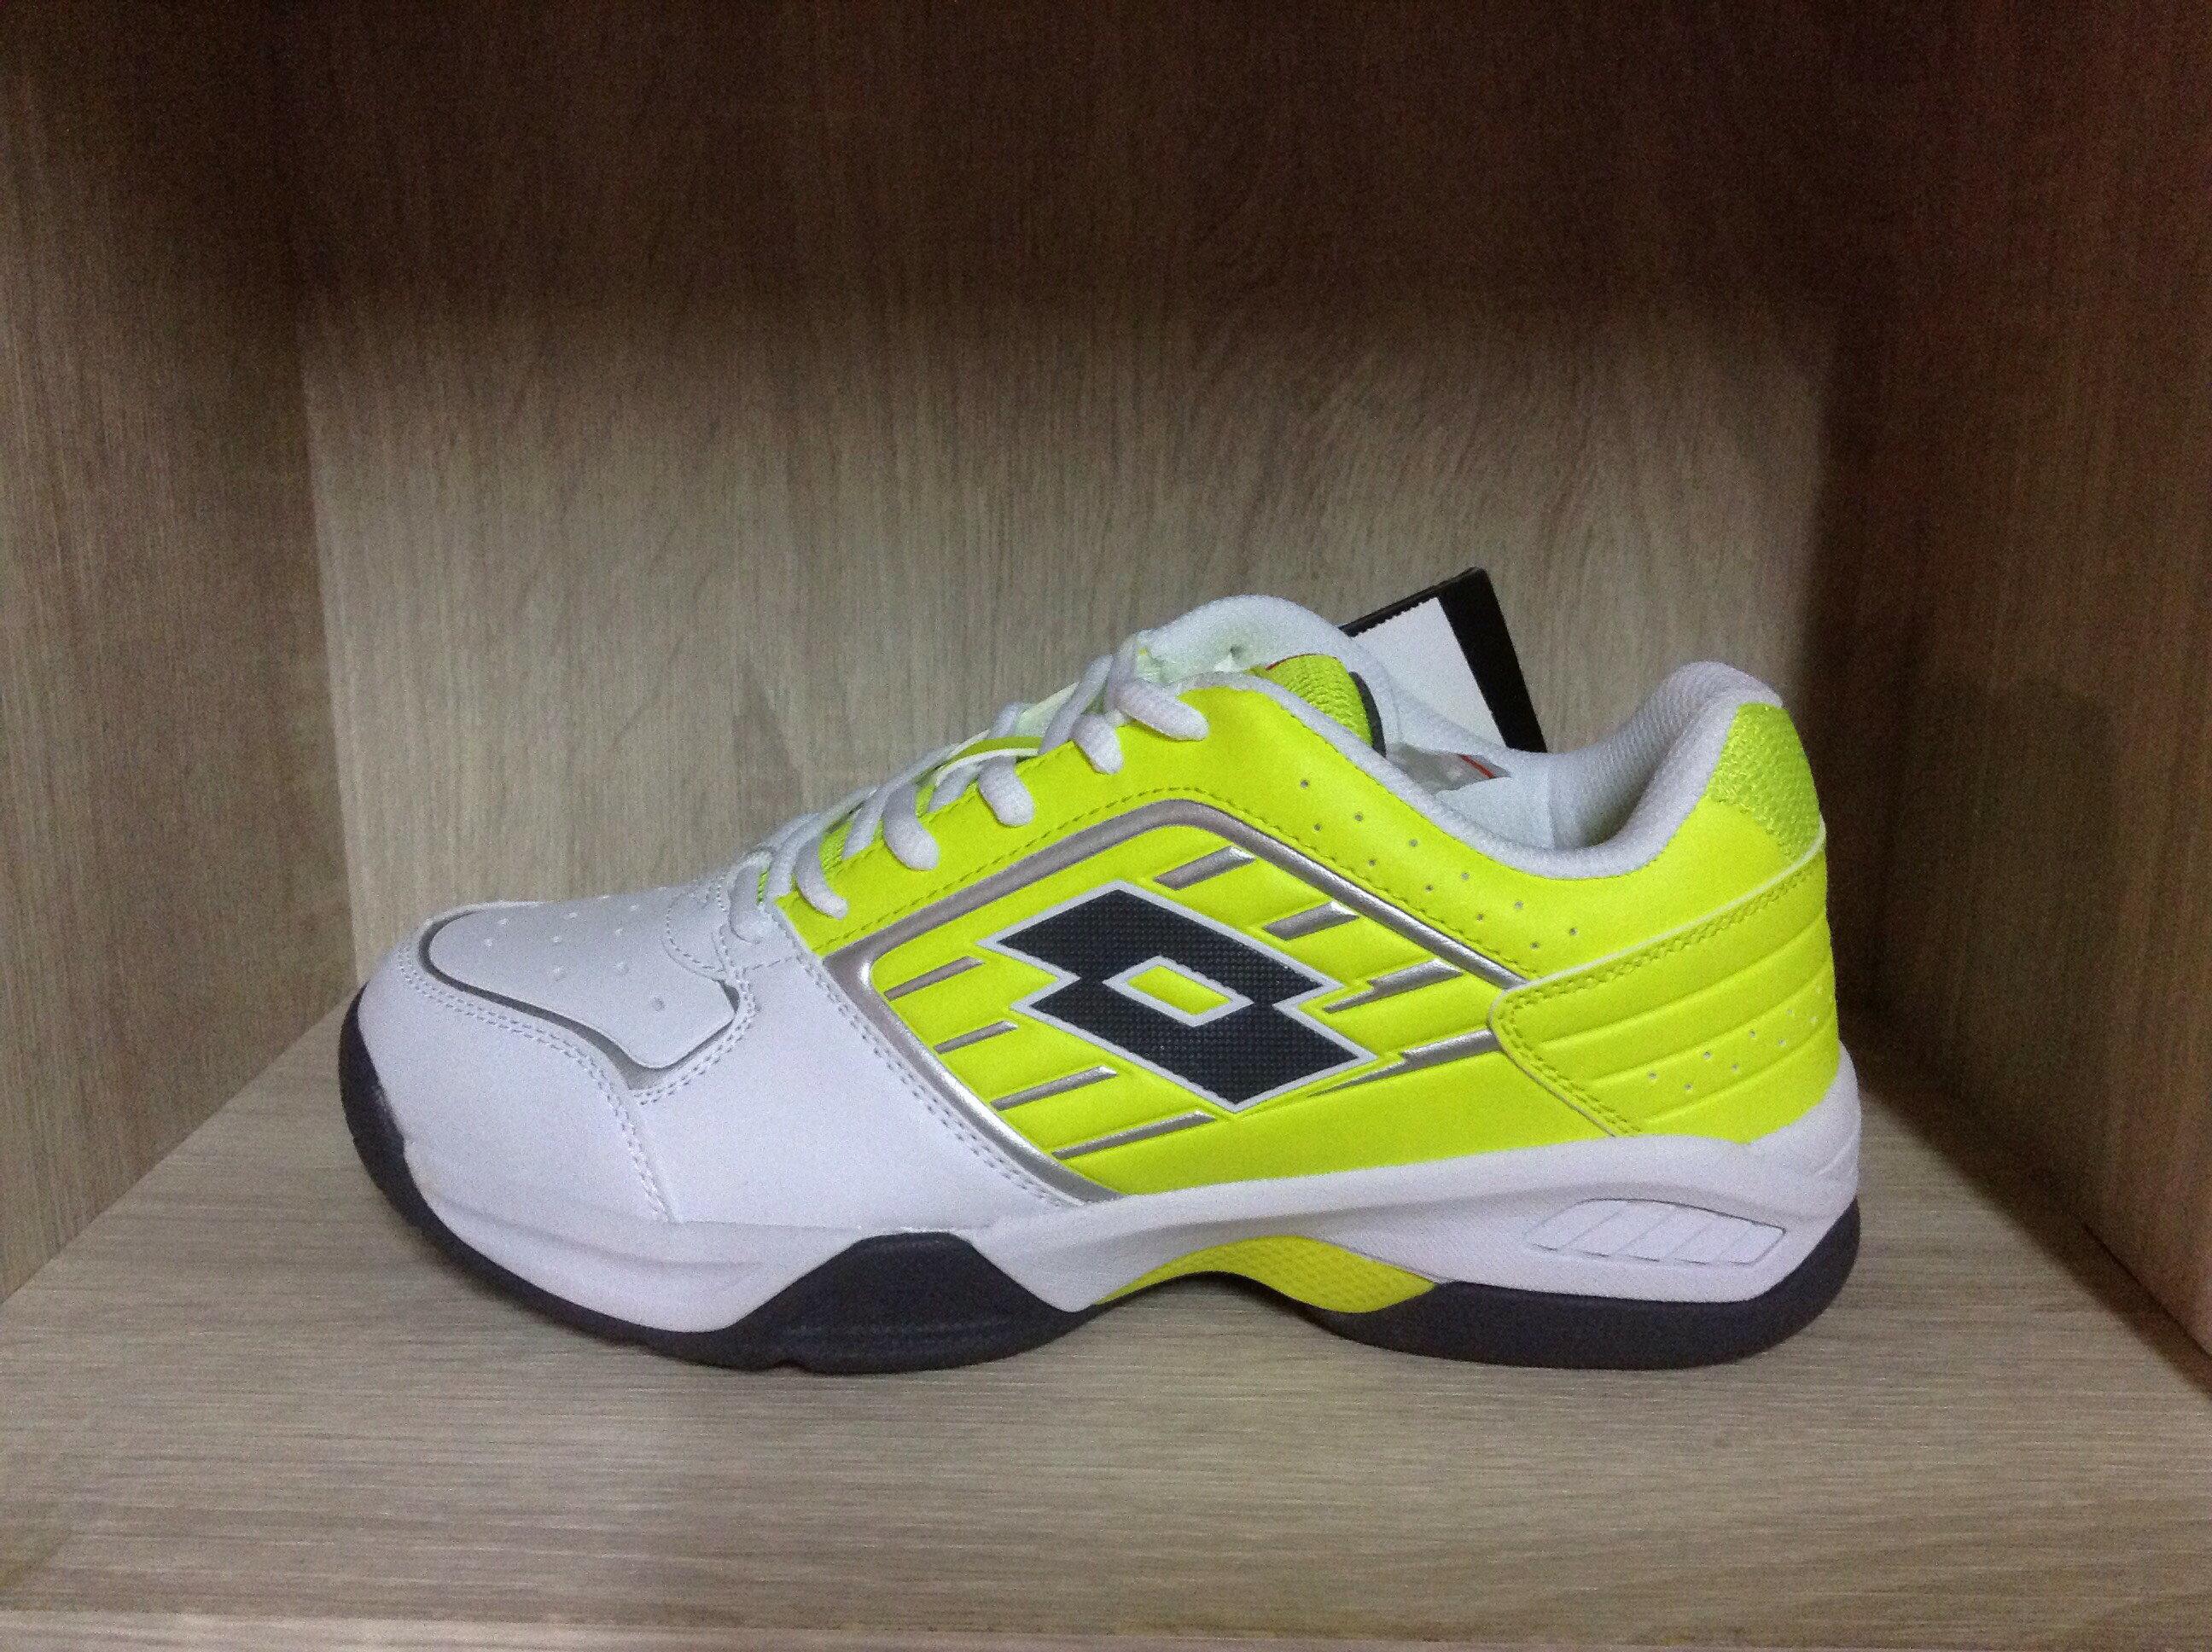 Lotto專業網球鞋